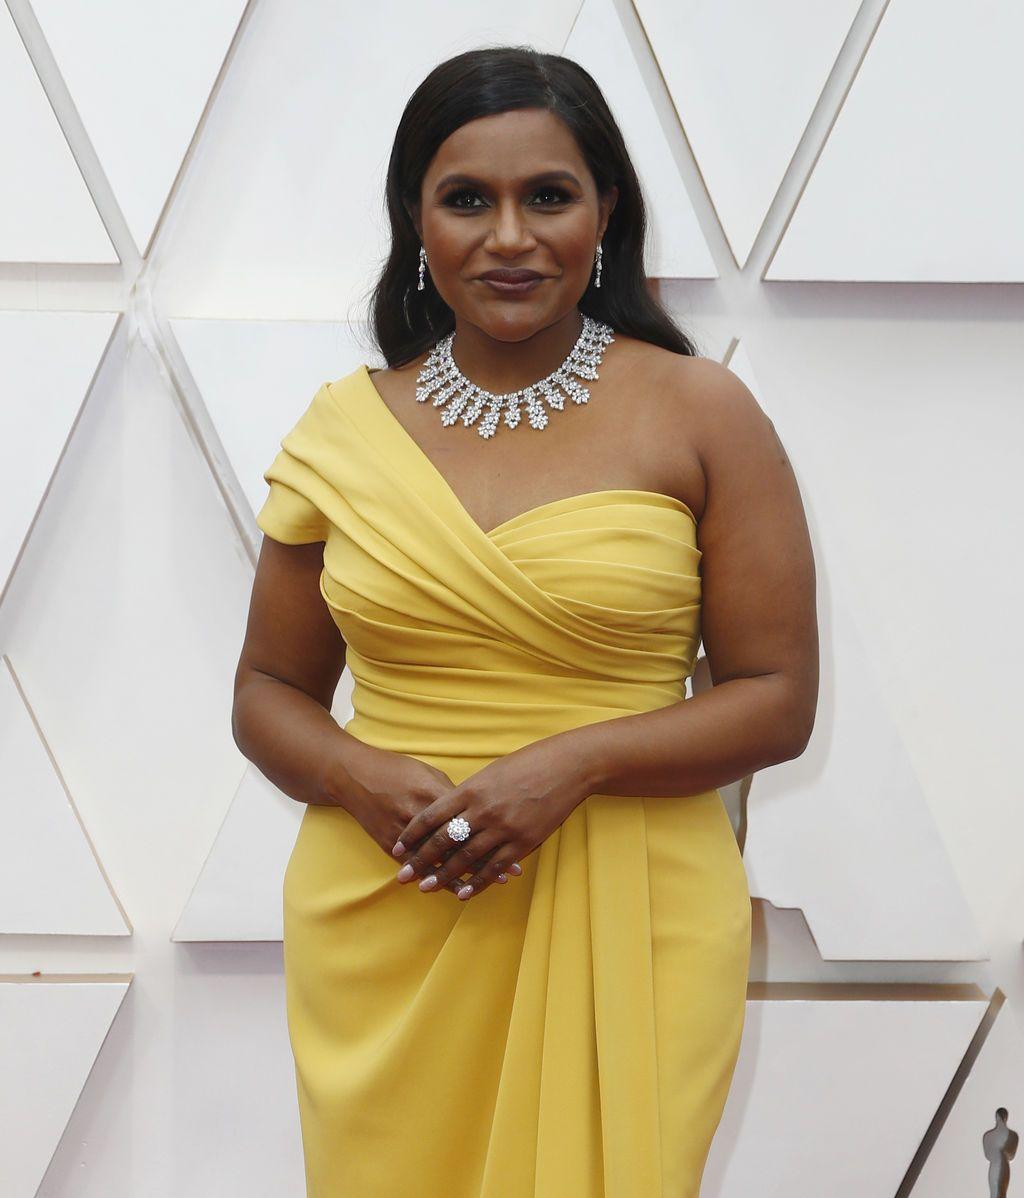 Mindy Kaling posa en la alfombra roja de los Premios Óscar 2020